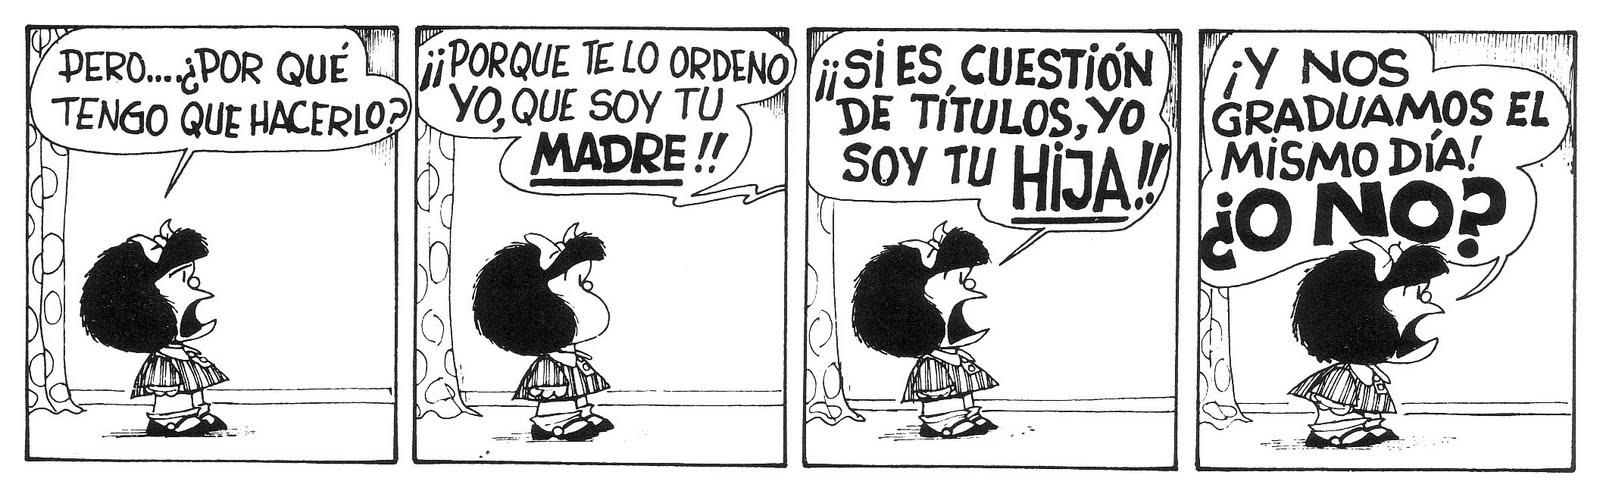 mafalda no es solamente un personaje de historieta mas es